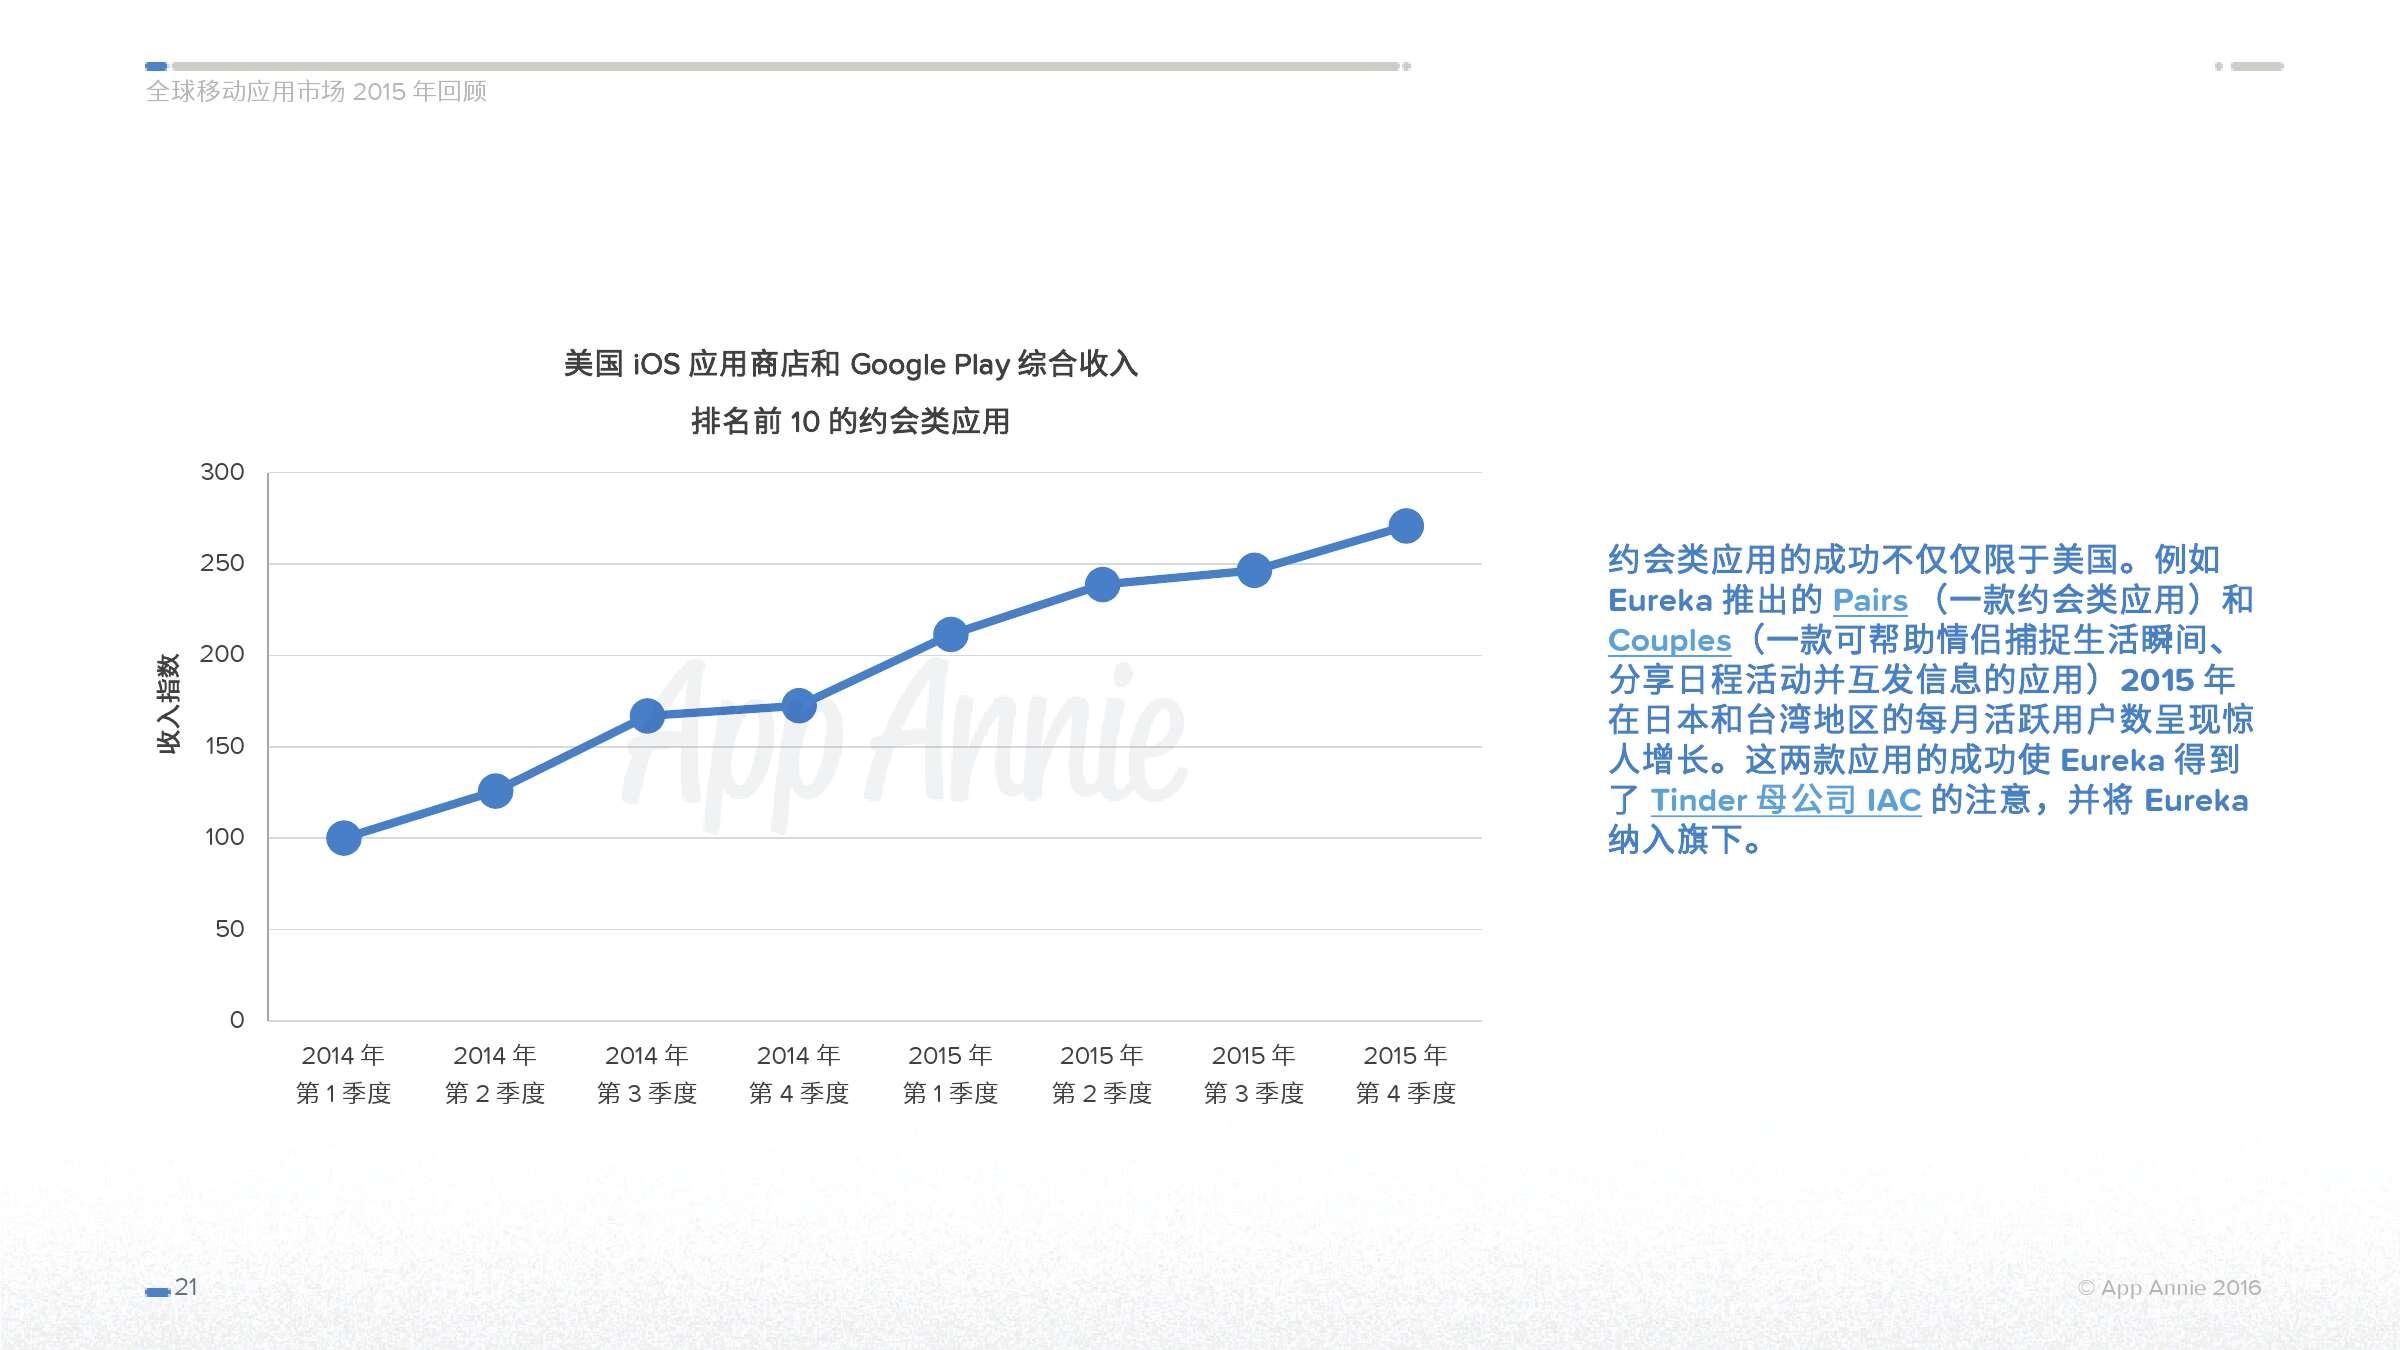 App Annie 全球移动应用市场 2015 年回顾_000021